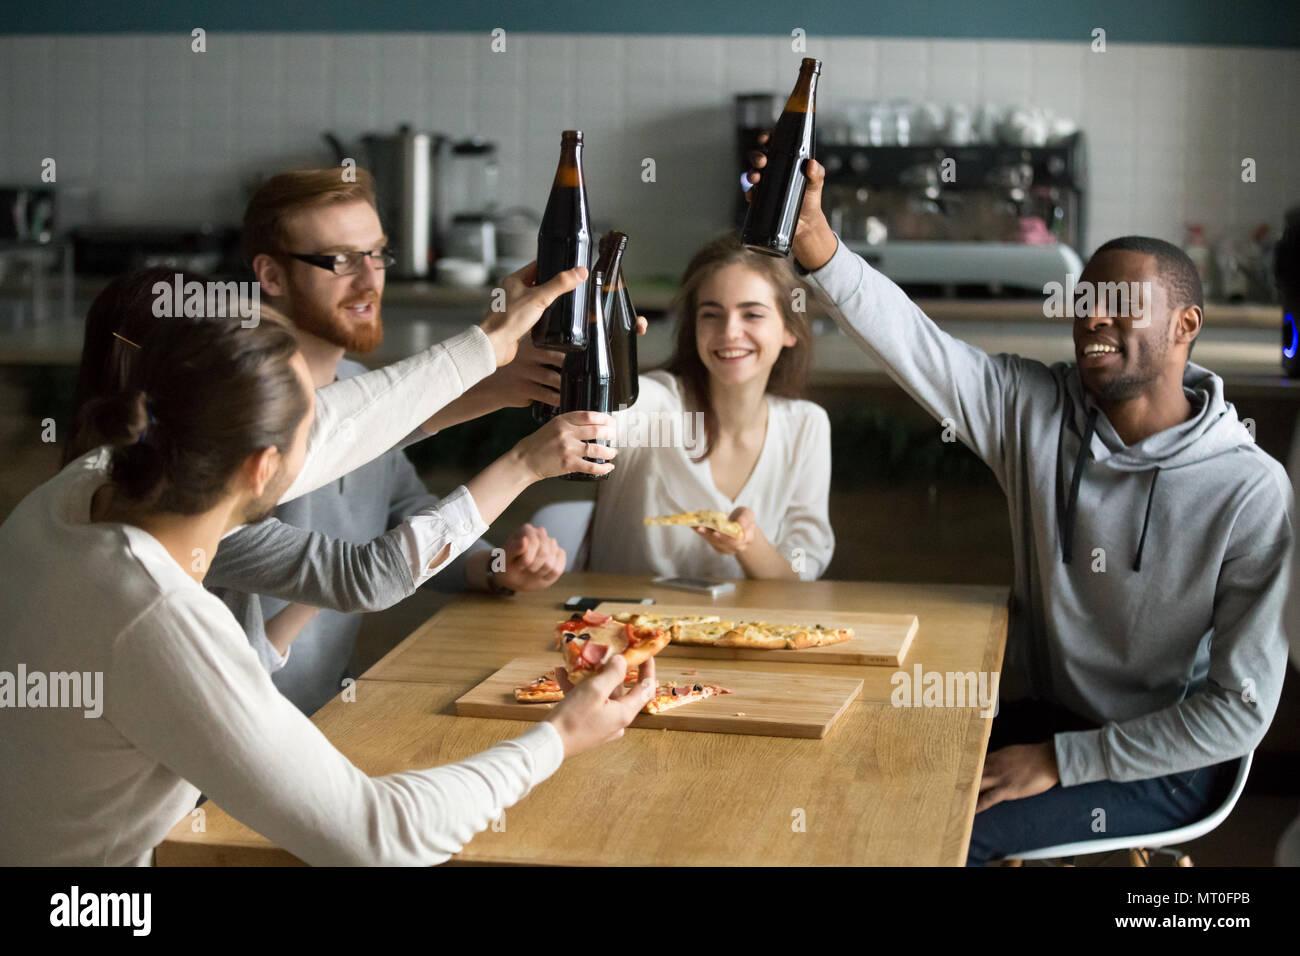 Diverses personnes millénaire sortir manger boire de la bière ensemble Photo Stock